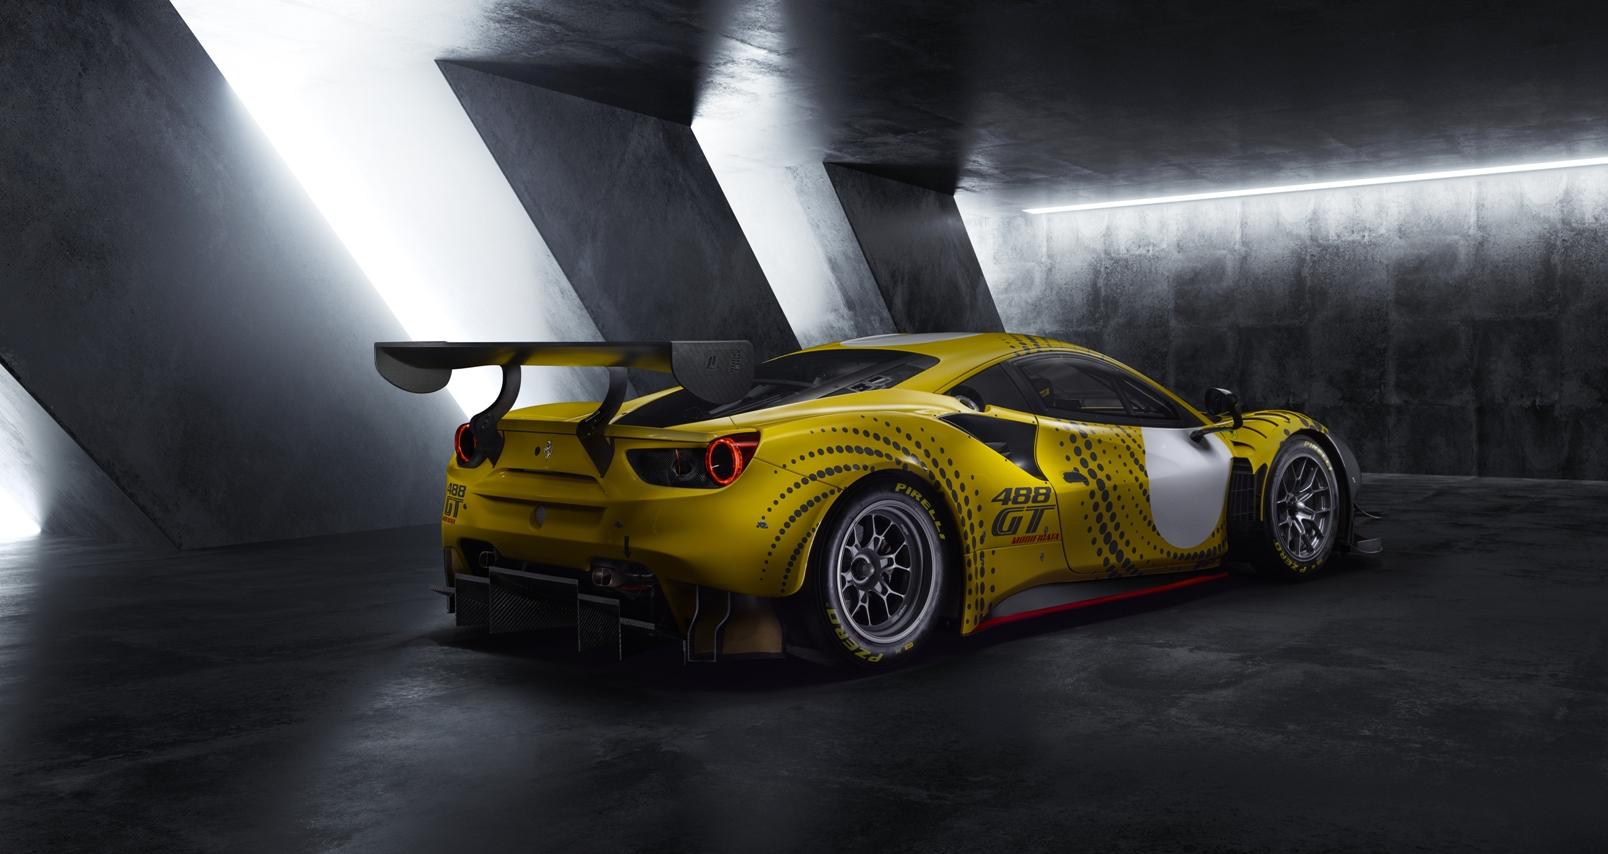 Ferrari 488 Gt Modificata (2)